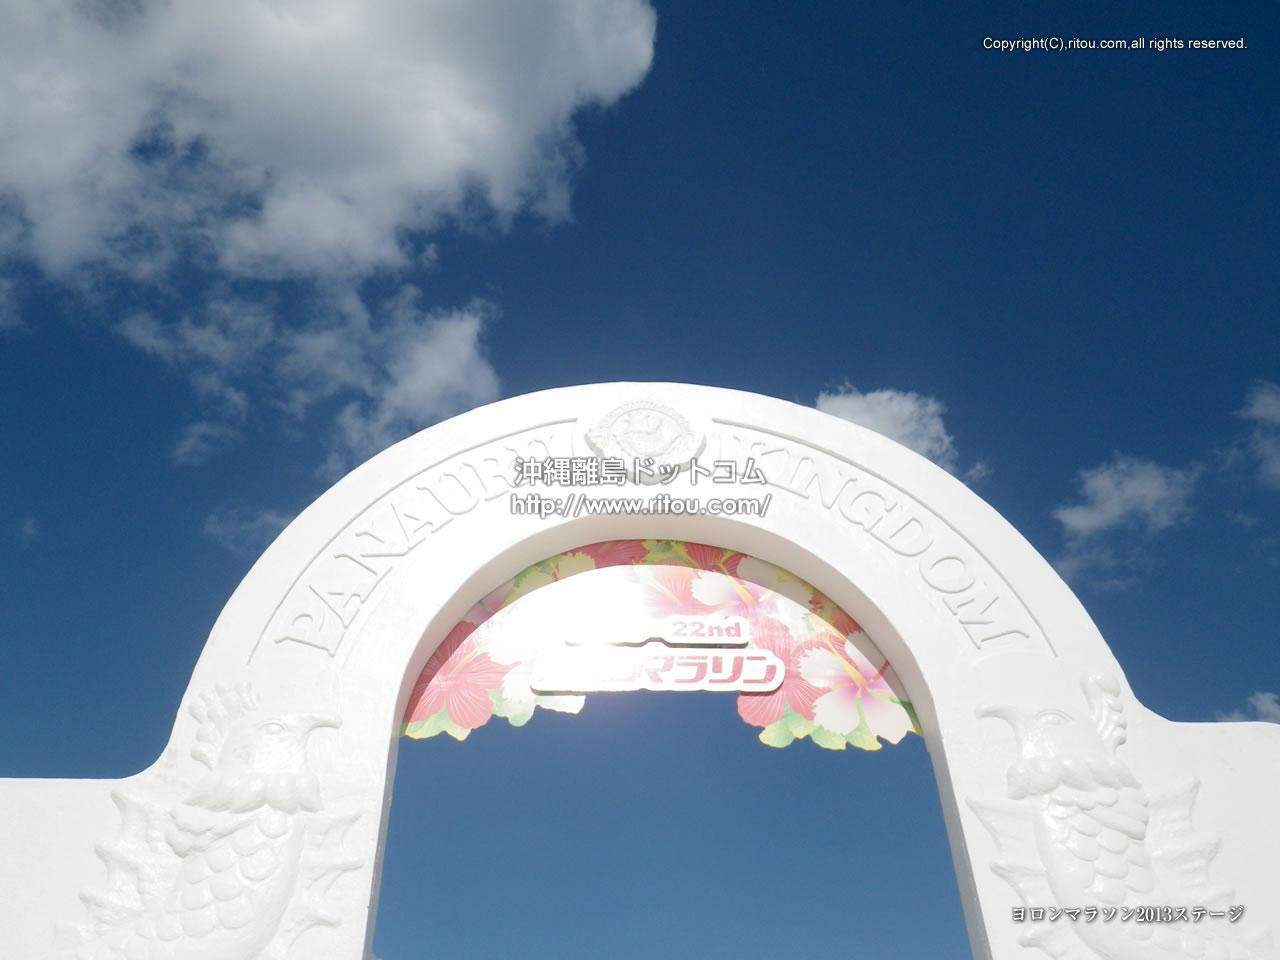 ヨロンマラソン2013ステージ